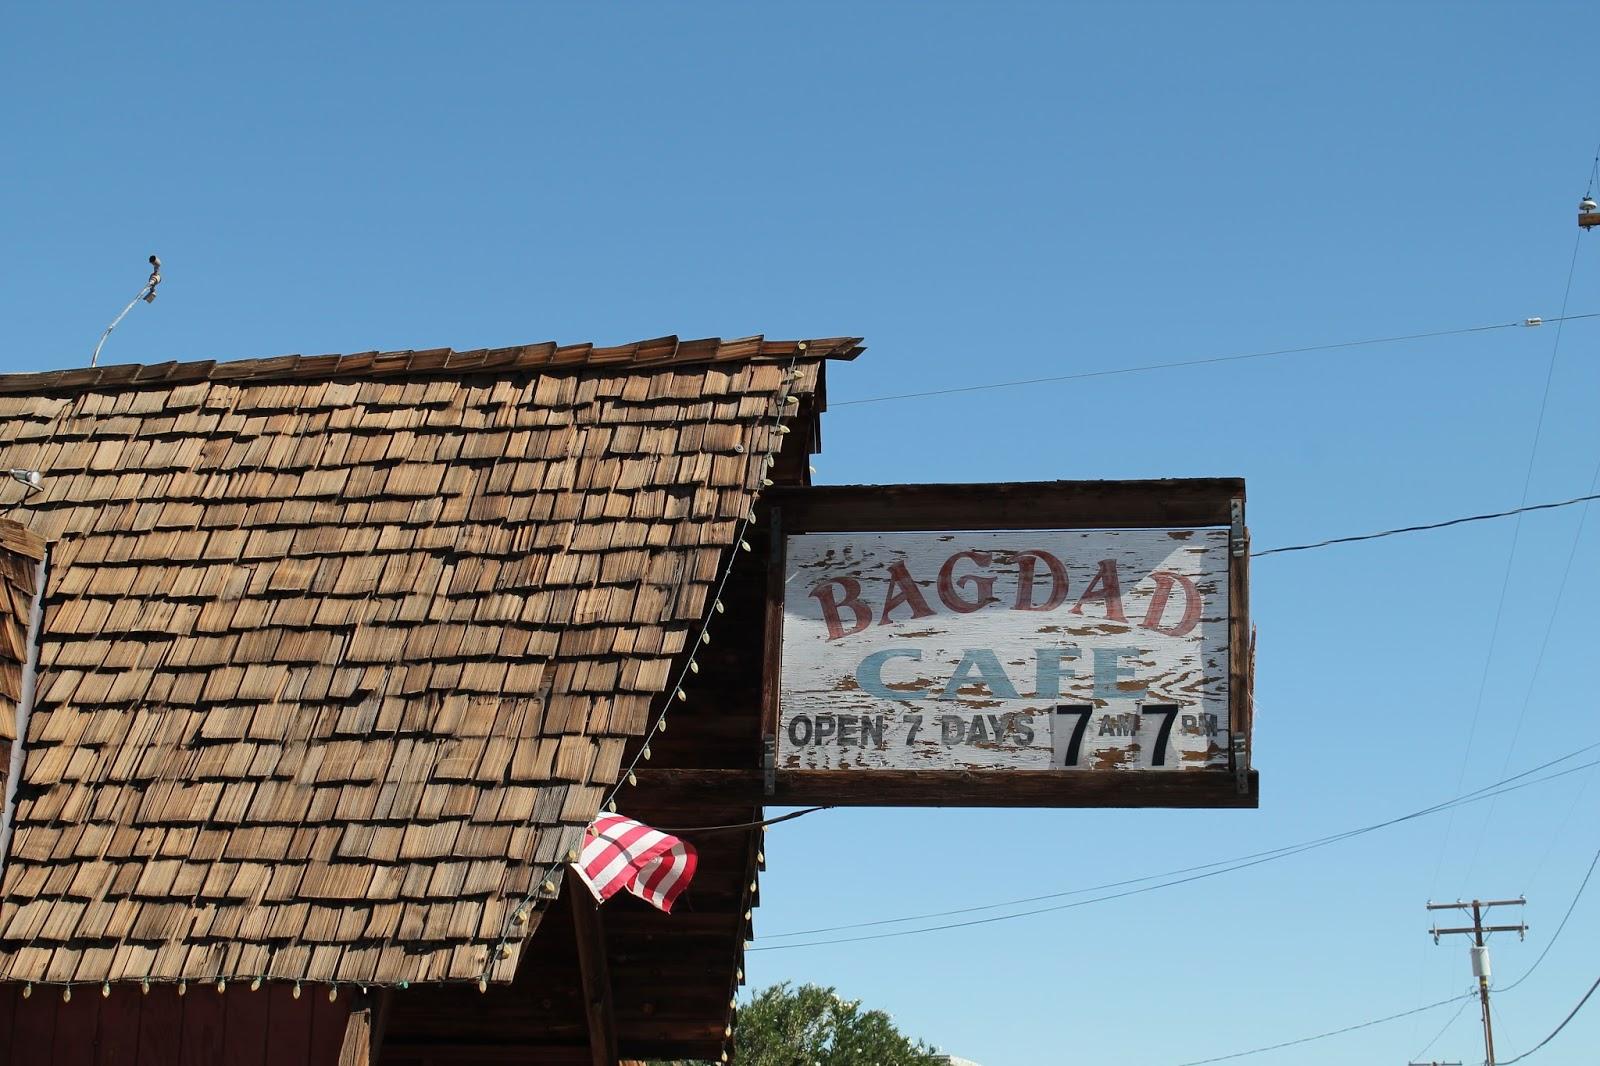 USA états unis amérique vacance transat roadtrip ouest américain road 66 route bagdad cafe